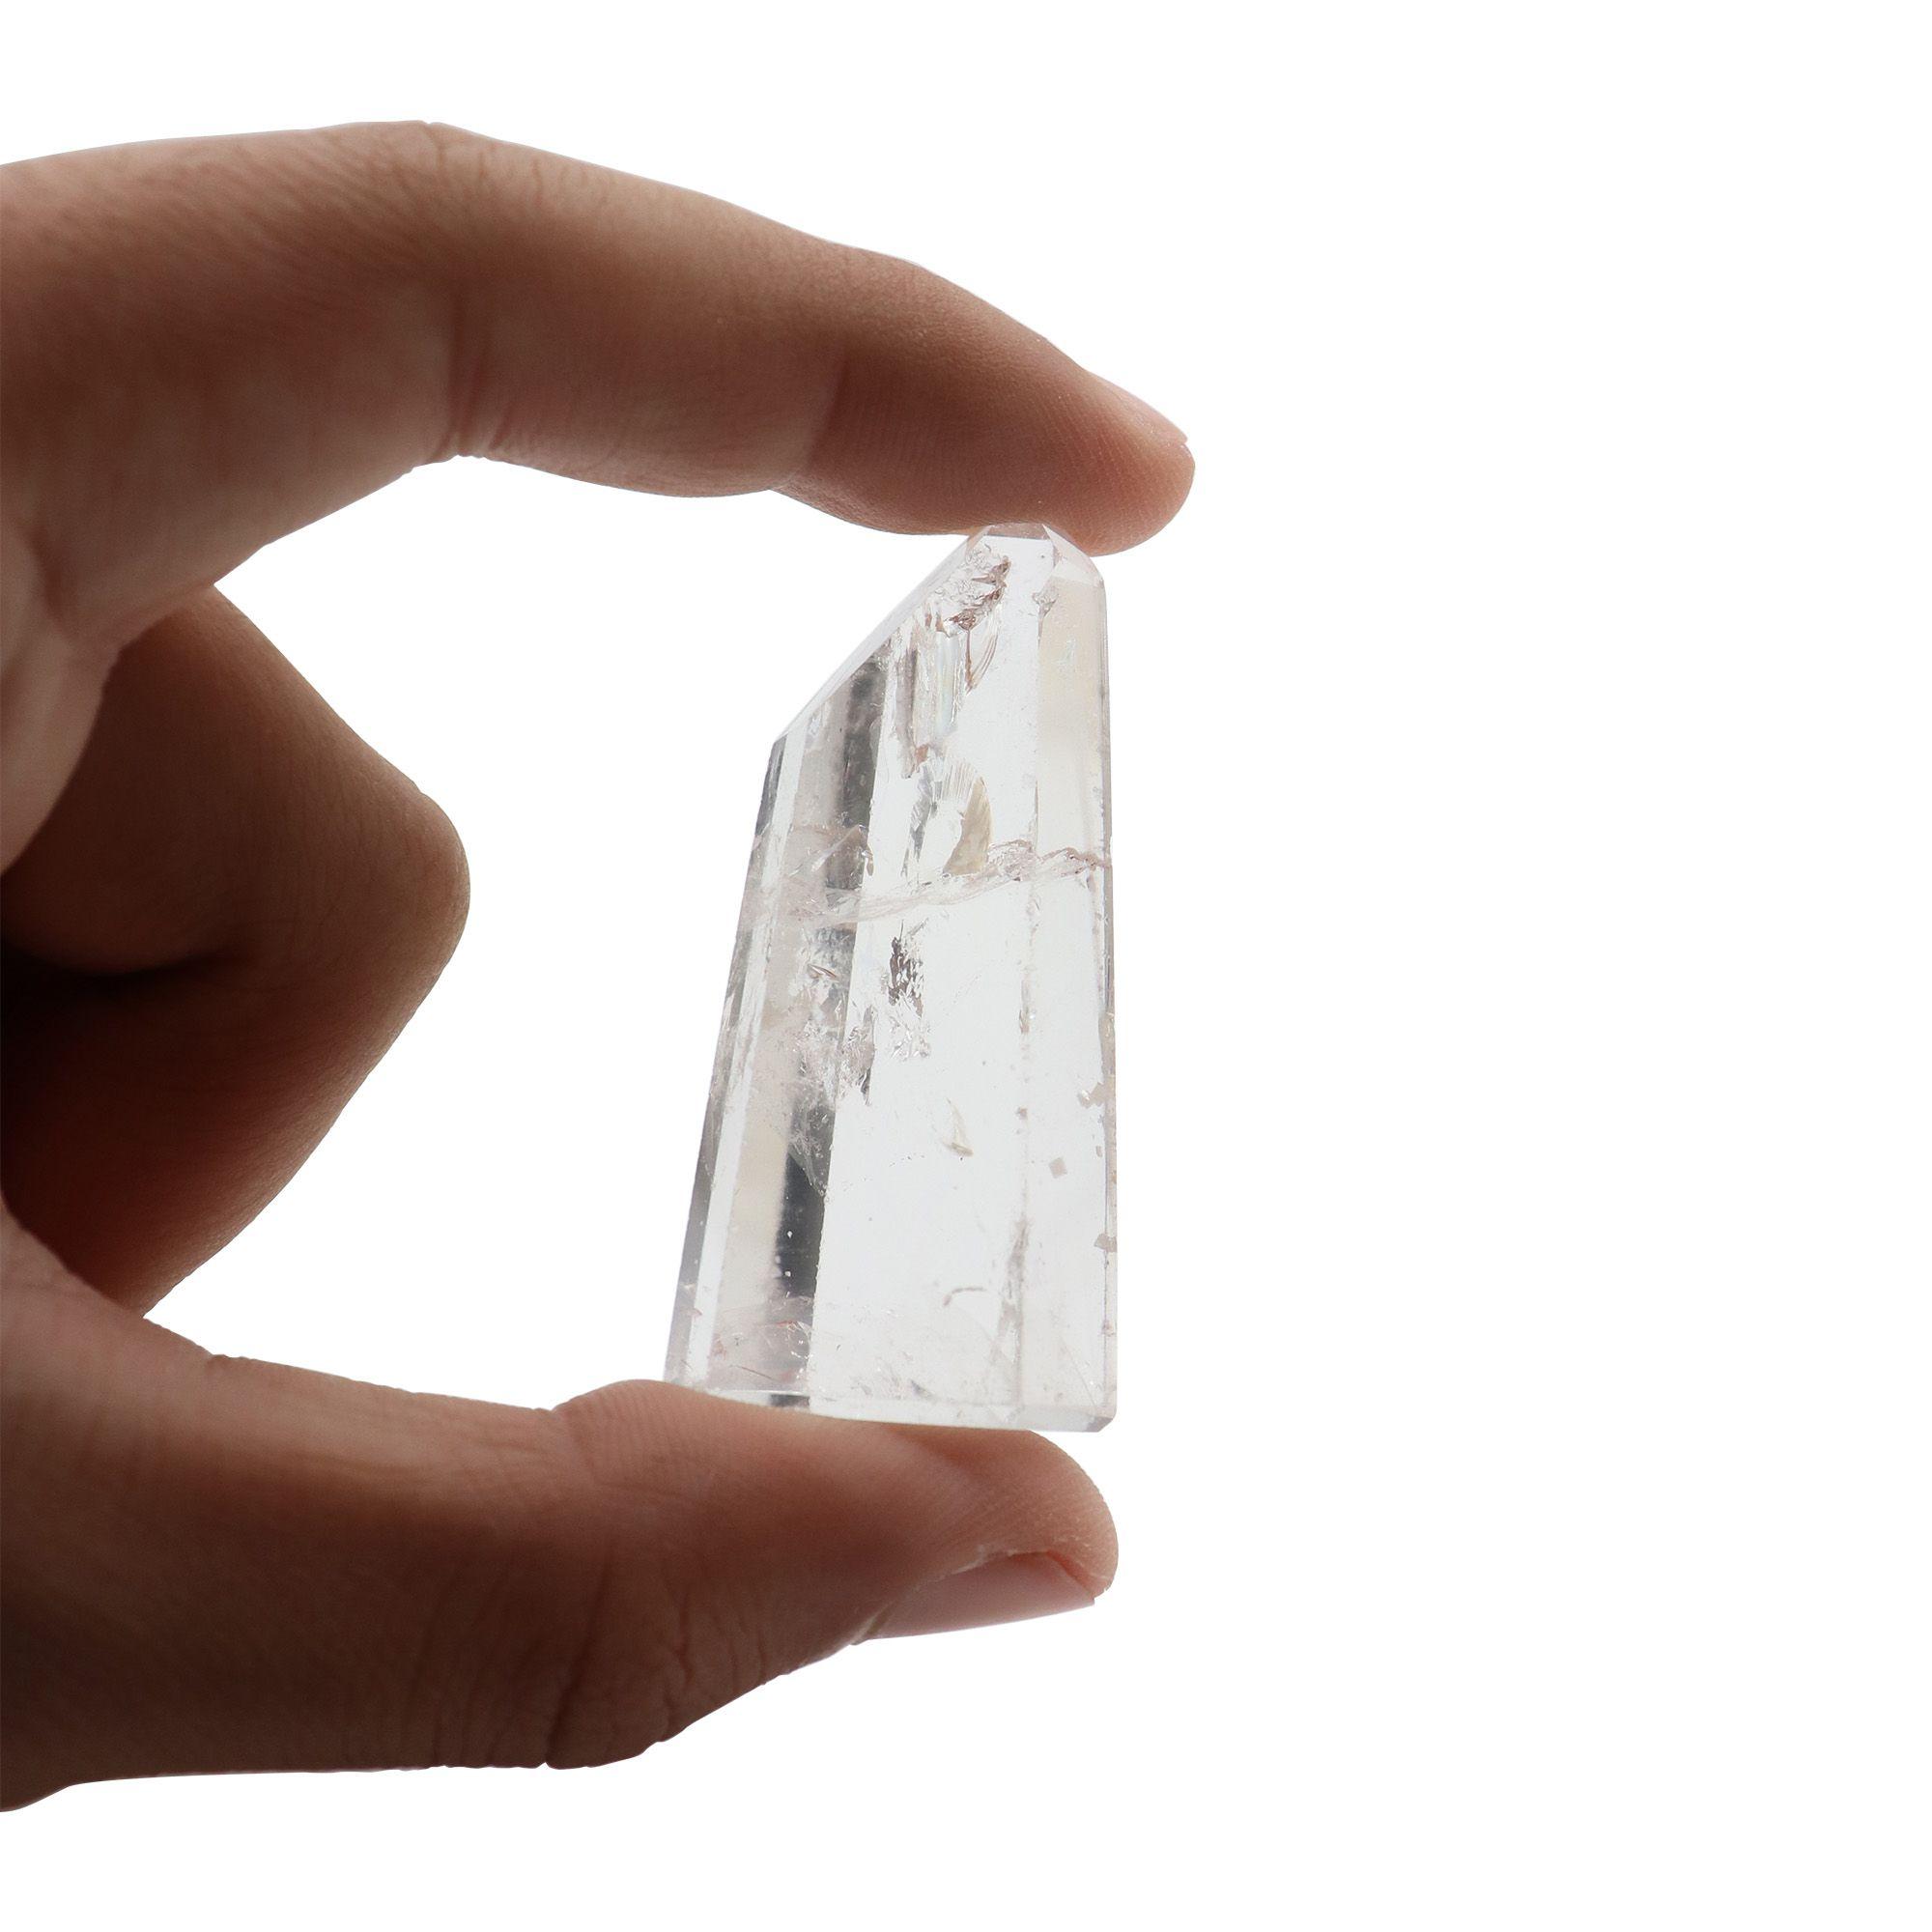 Cristal Quartzo de 30 à 45g - Polido